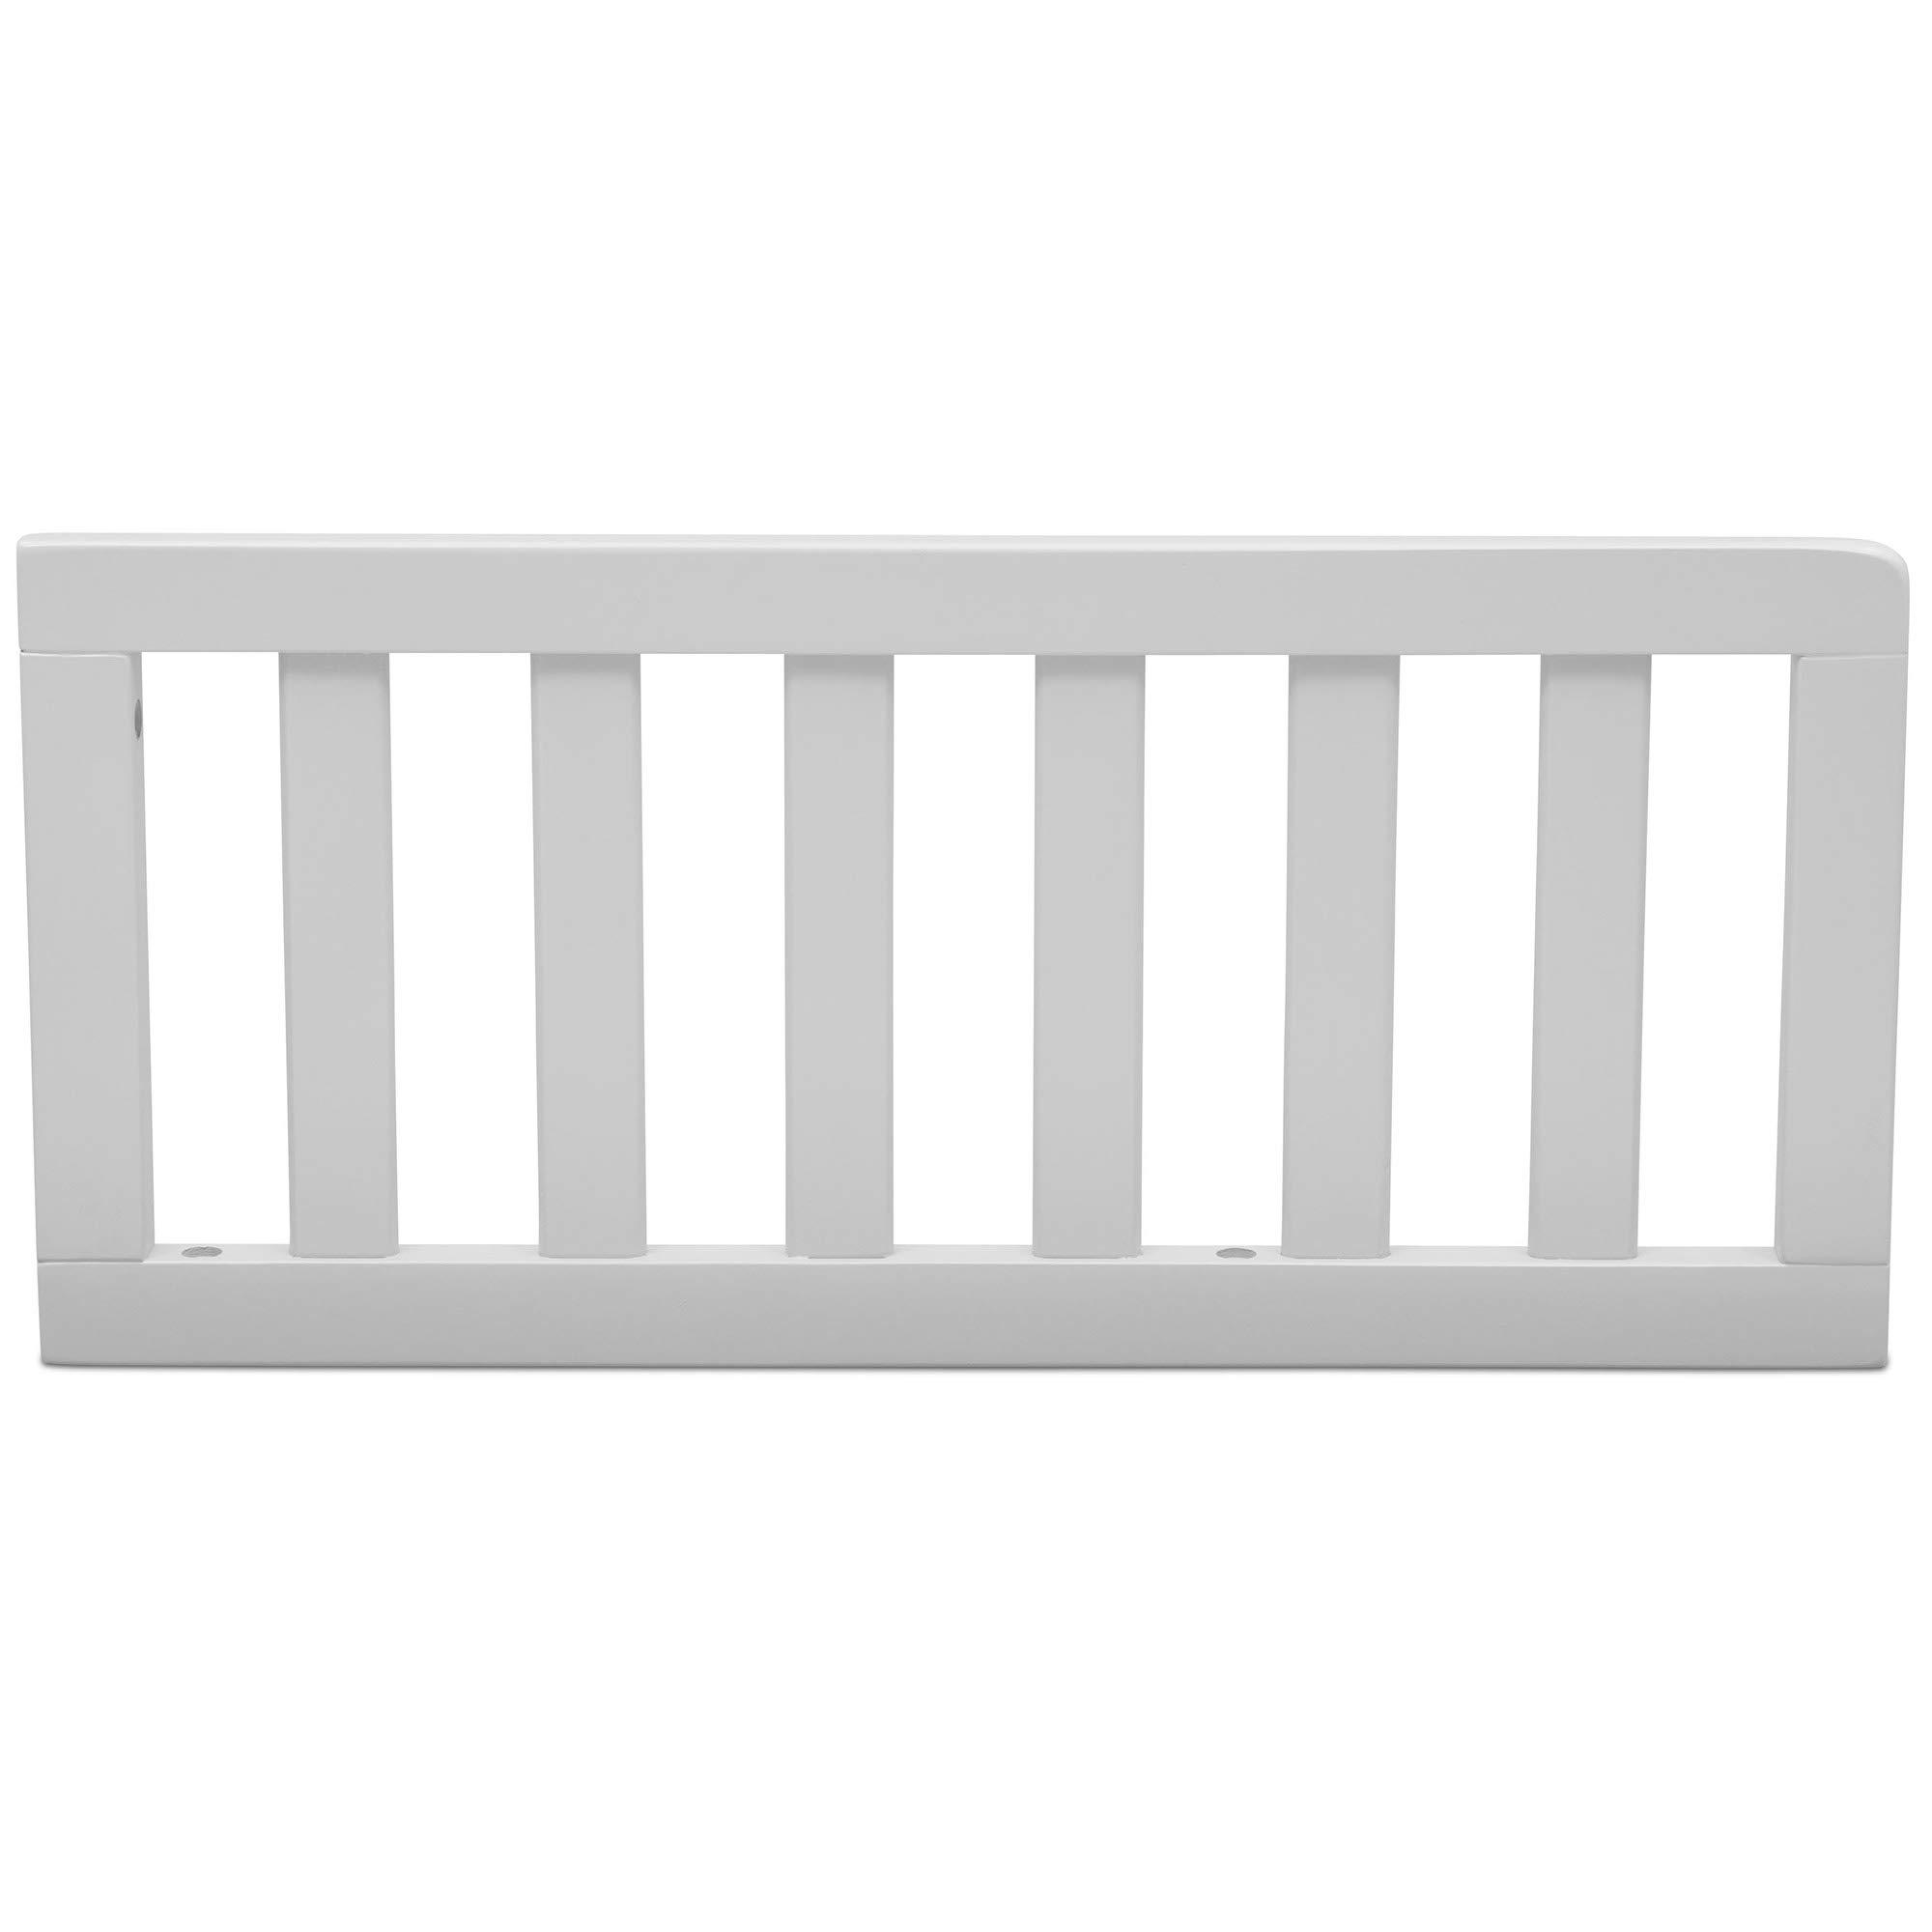 Delta Children Toddler Guardrail #0080, Bianca White by Delta Children